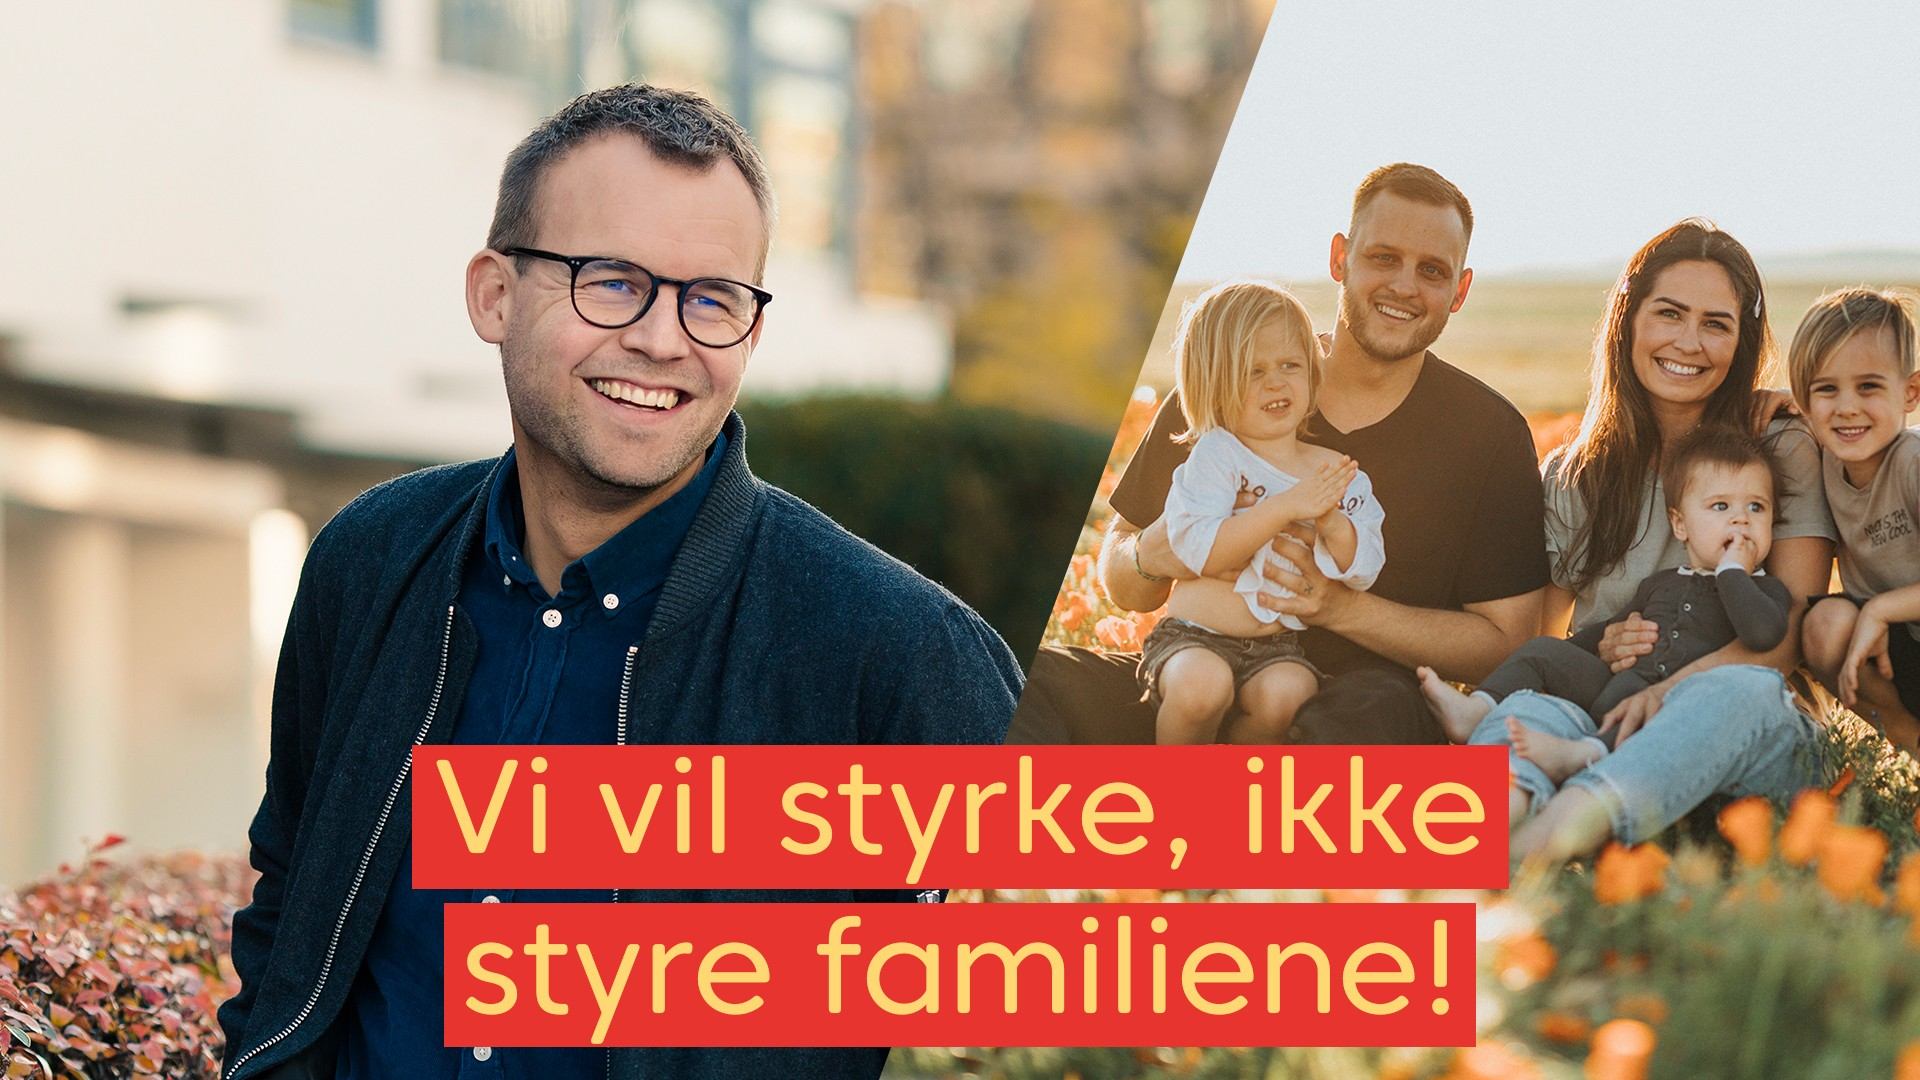 """Bilde av en familie som sitter i en blomstereng side om side med bilde av partileder Kjell Ingolf Ropstad som smiler med teksten """"Vi vil styrke, ikke styre familiene"""" skrevet under."""